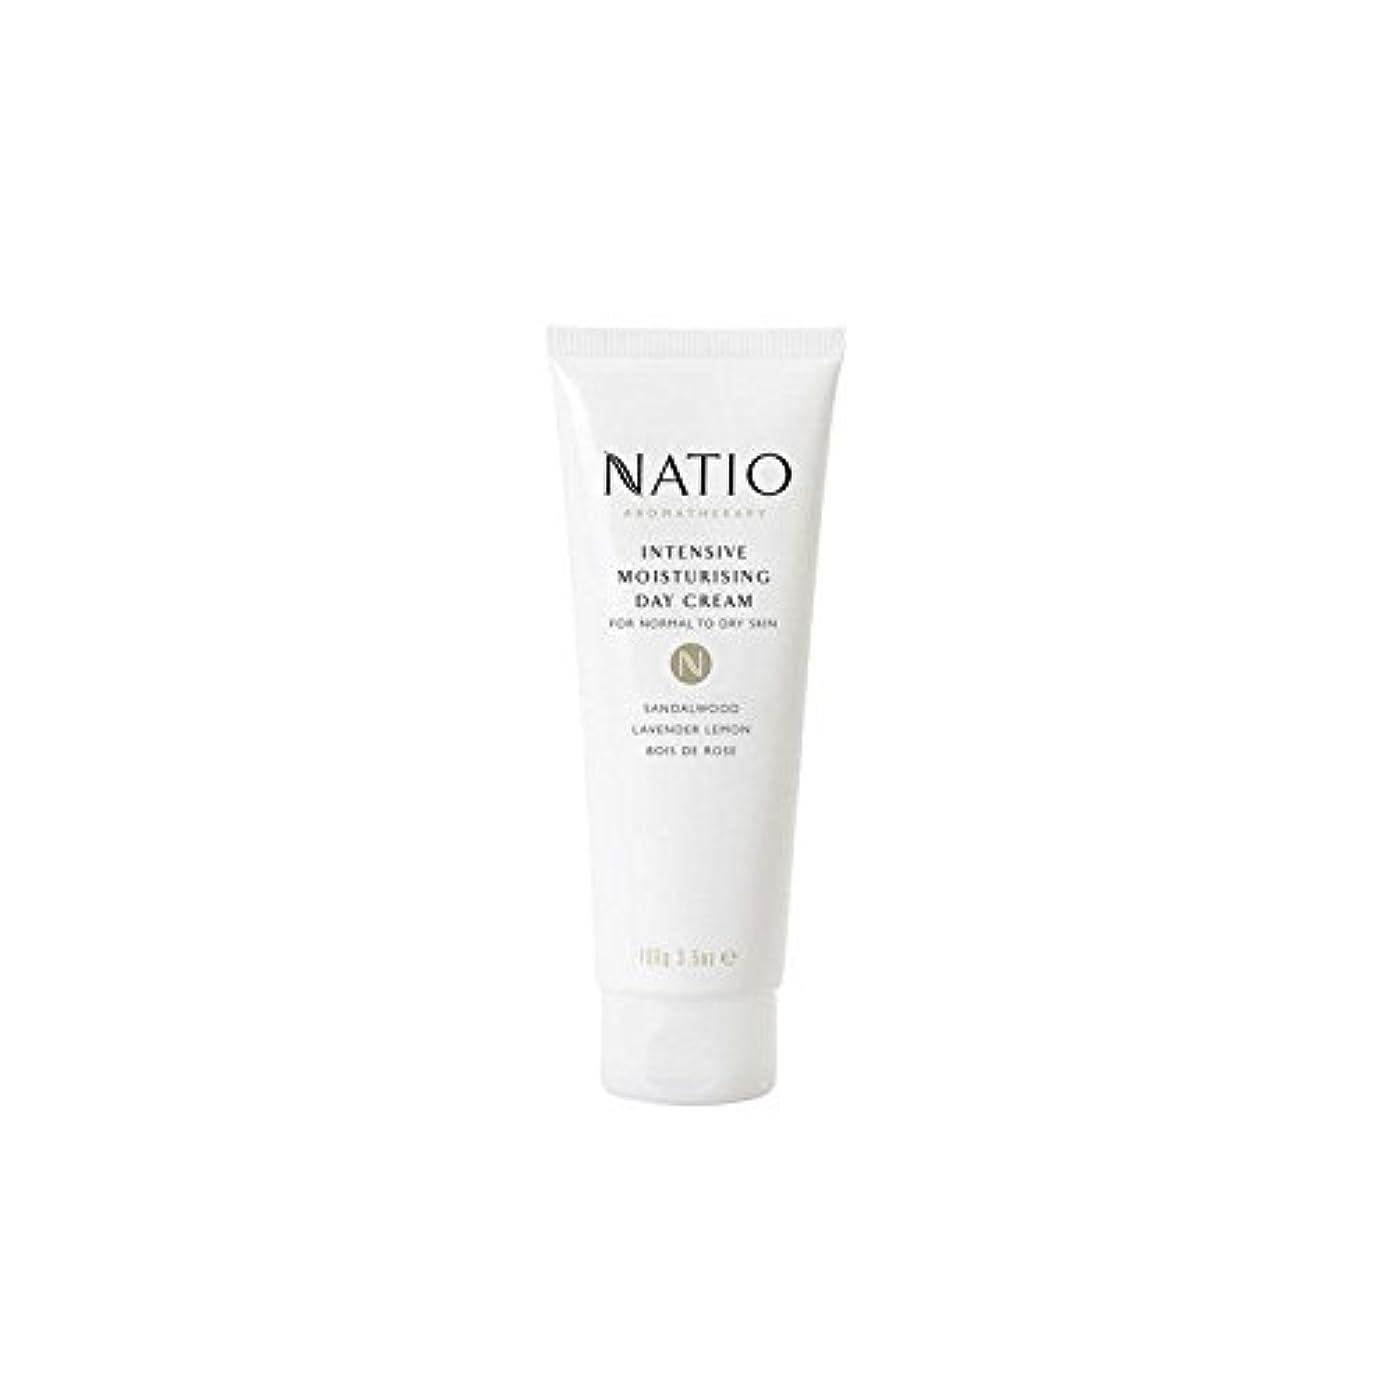 ゴール忍耐虚栄心Natio Intensive Moisturising Day Cream (100G) (Pack of 6) - 集中的な保湿デイクリーム(100グラム) x6 [並行輸入品]